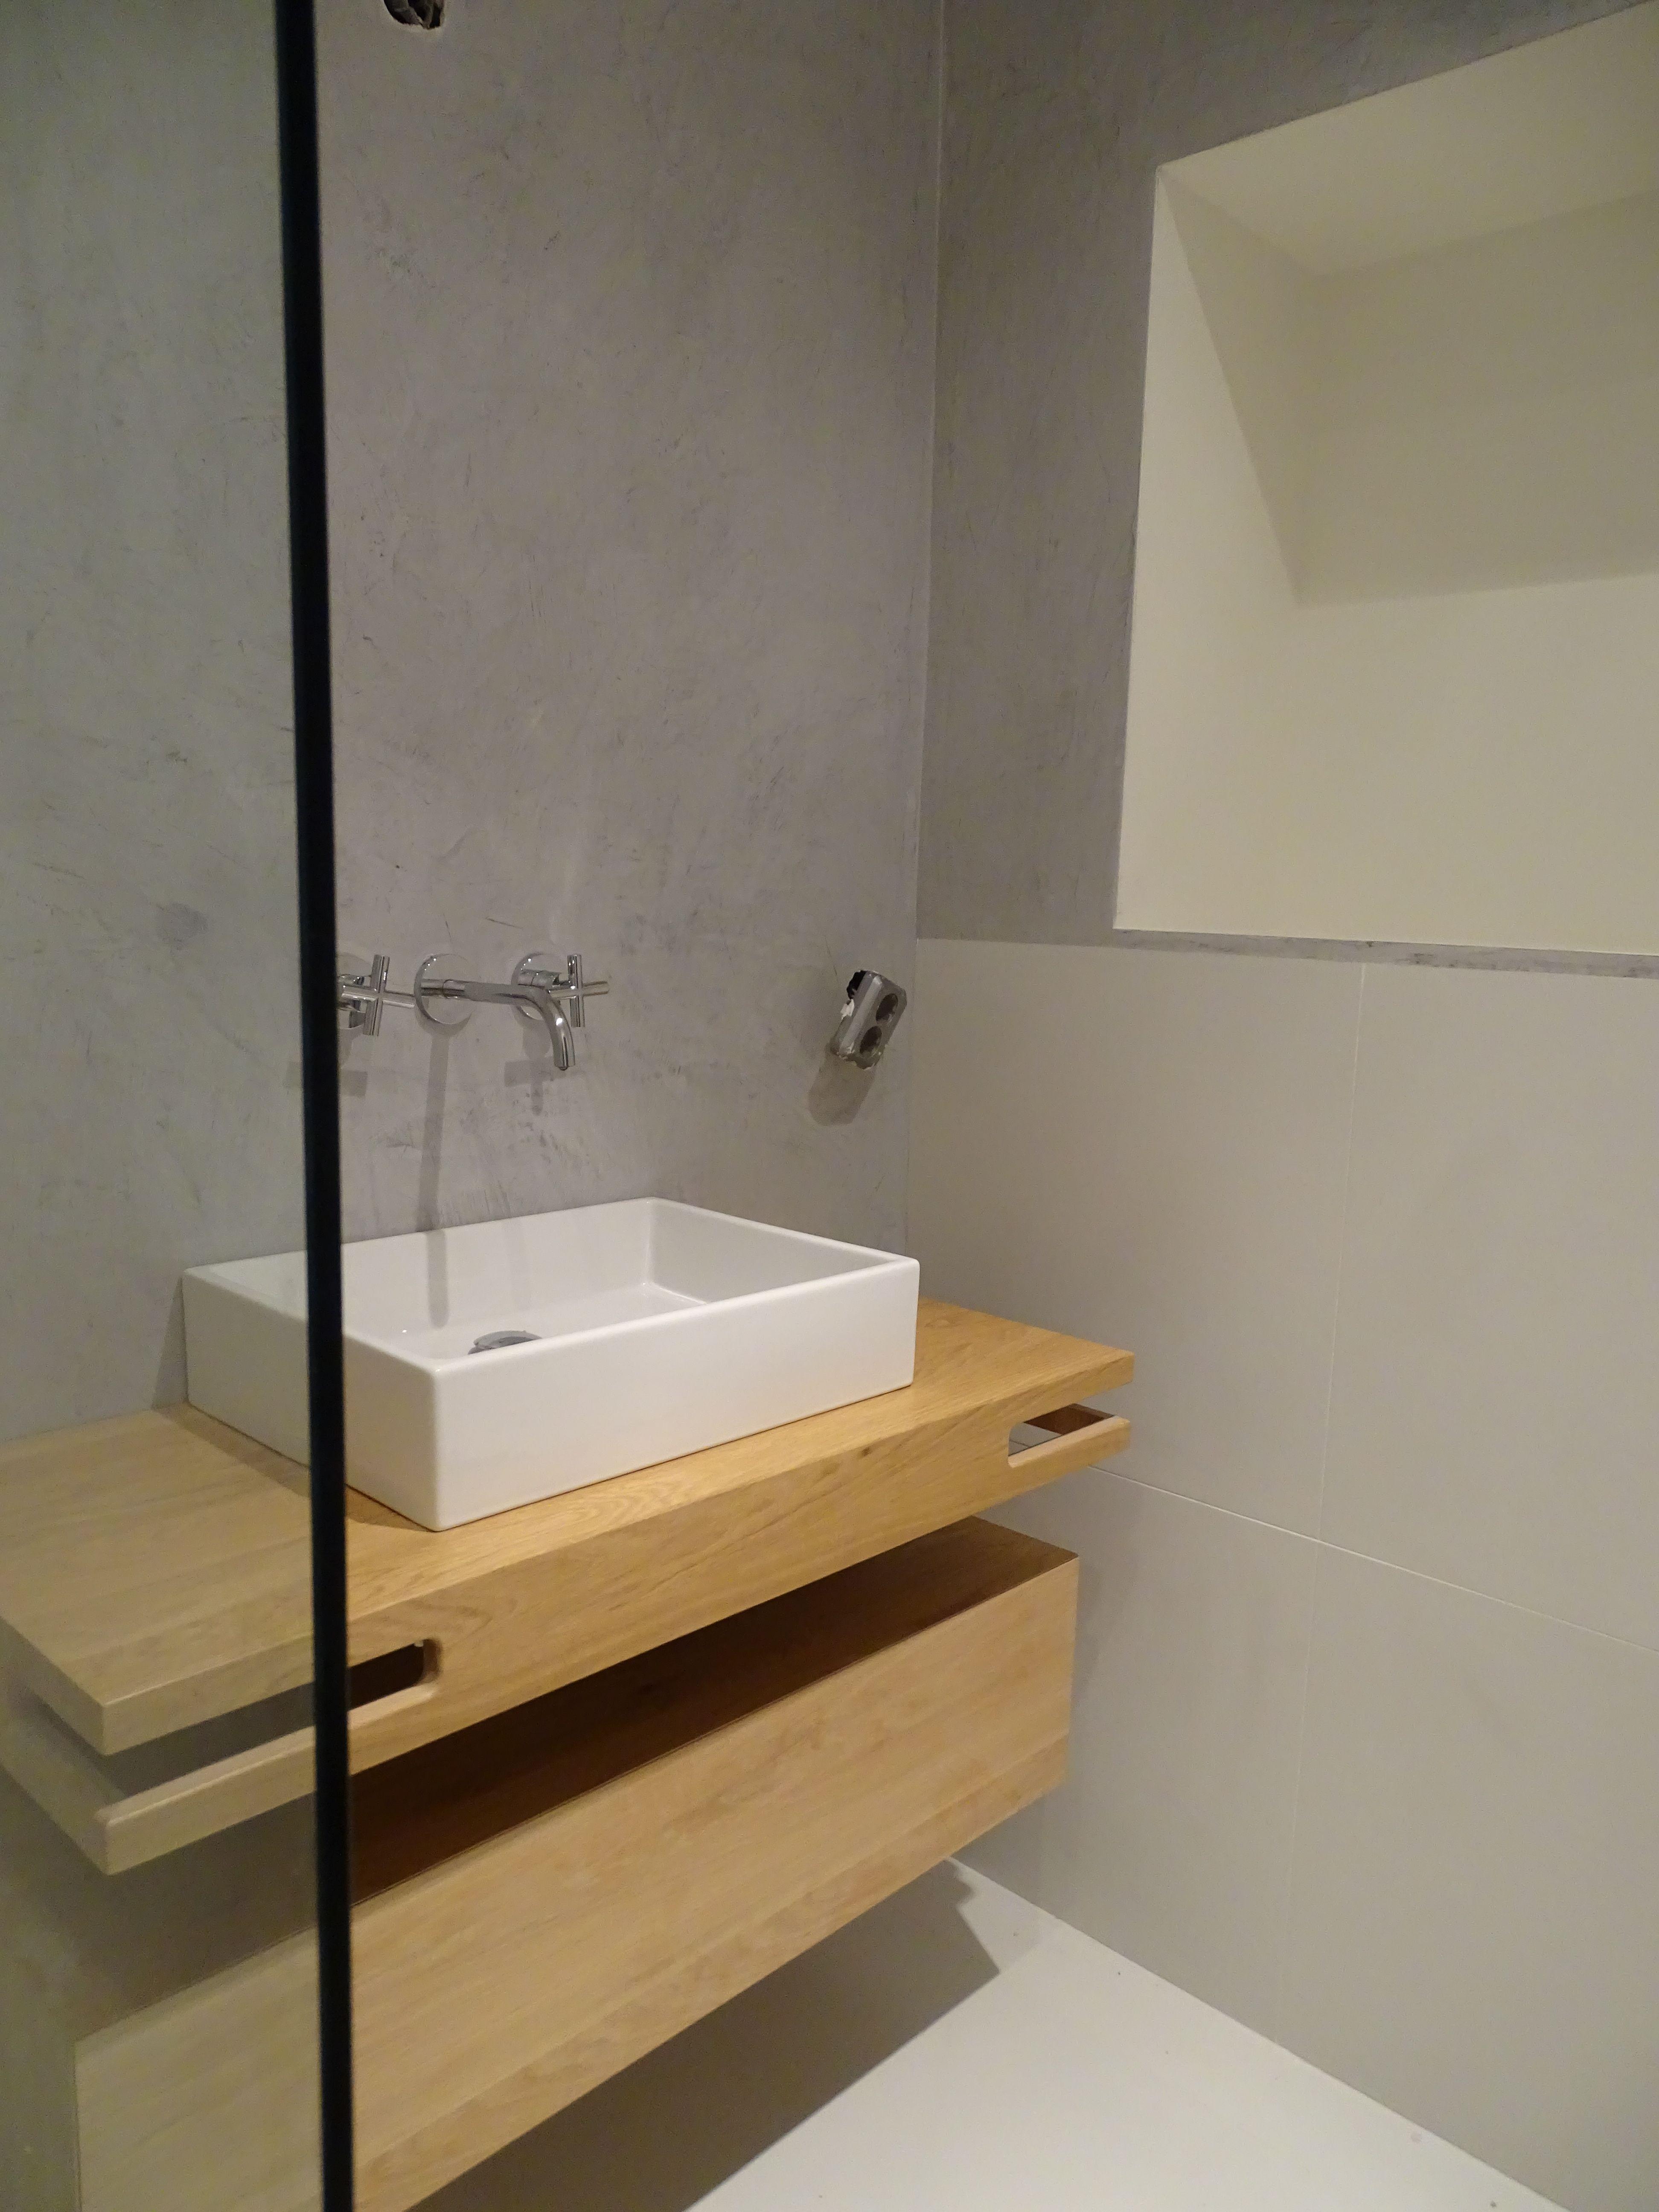 uitgevoerde betonlook in een lichtgrijze kleur in een badkamer